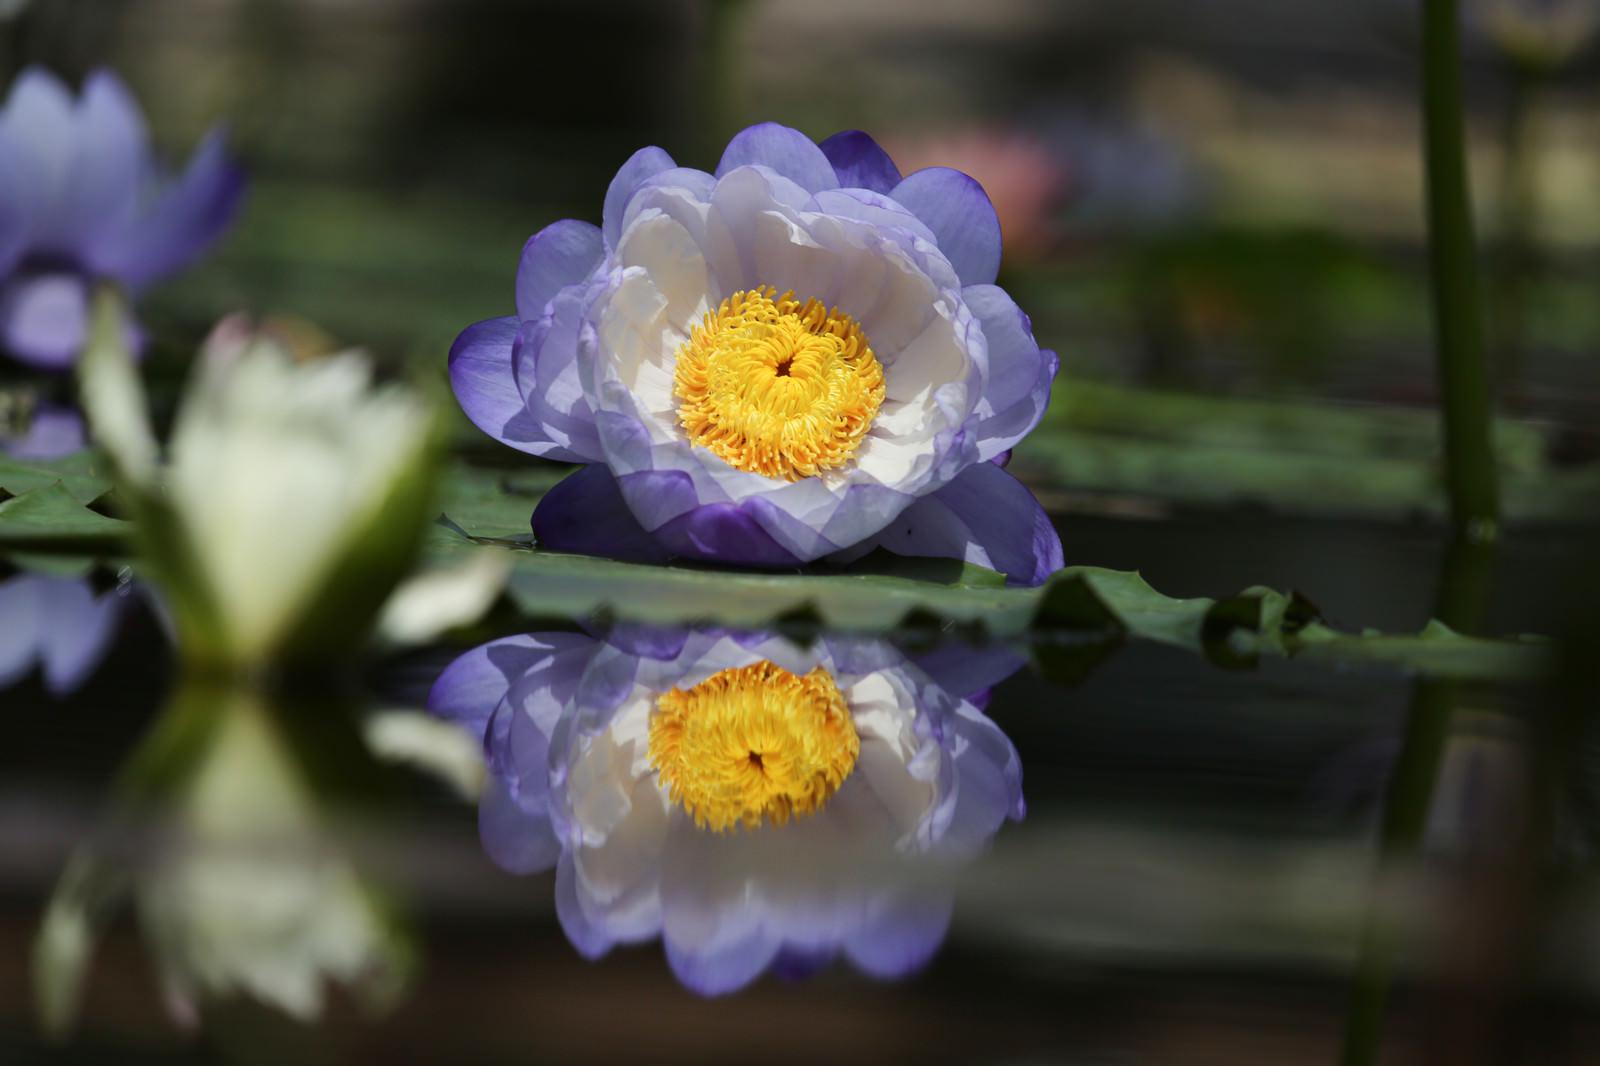 「水面で開花を待つ睡蓮」の写真